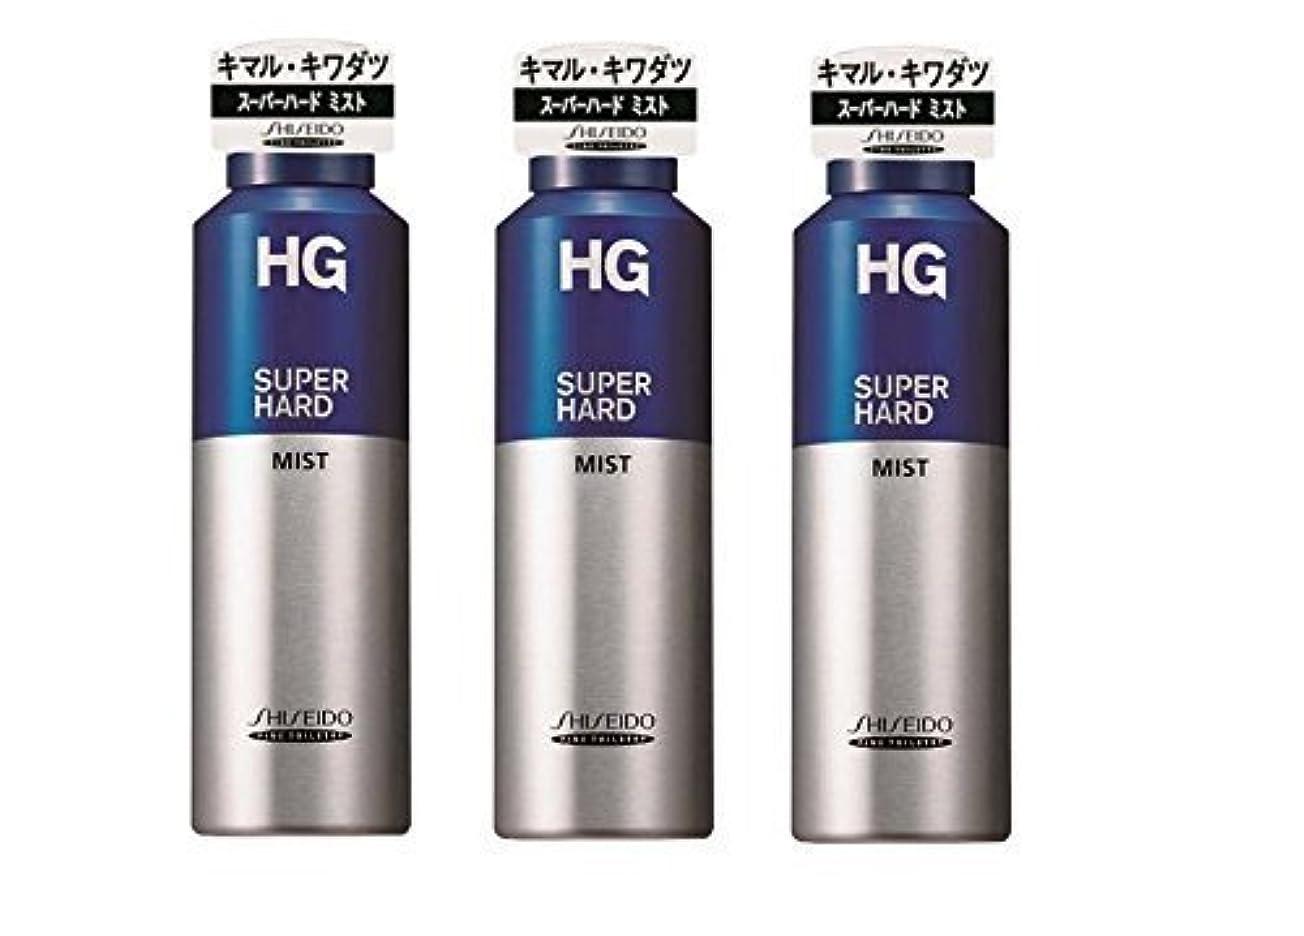 ヒゲクジラ明らかハイライト【まとめ買い】HG スーパーハード ミスト 150g×3個